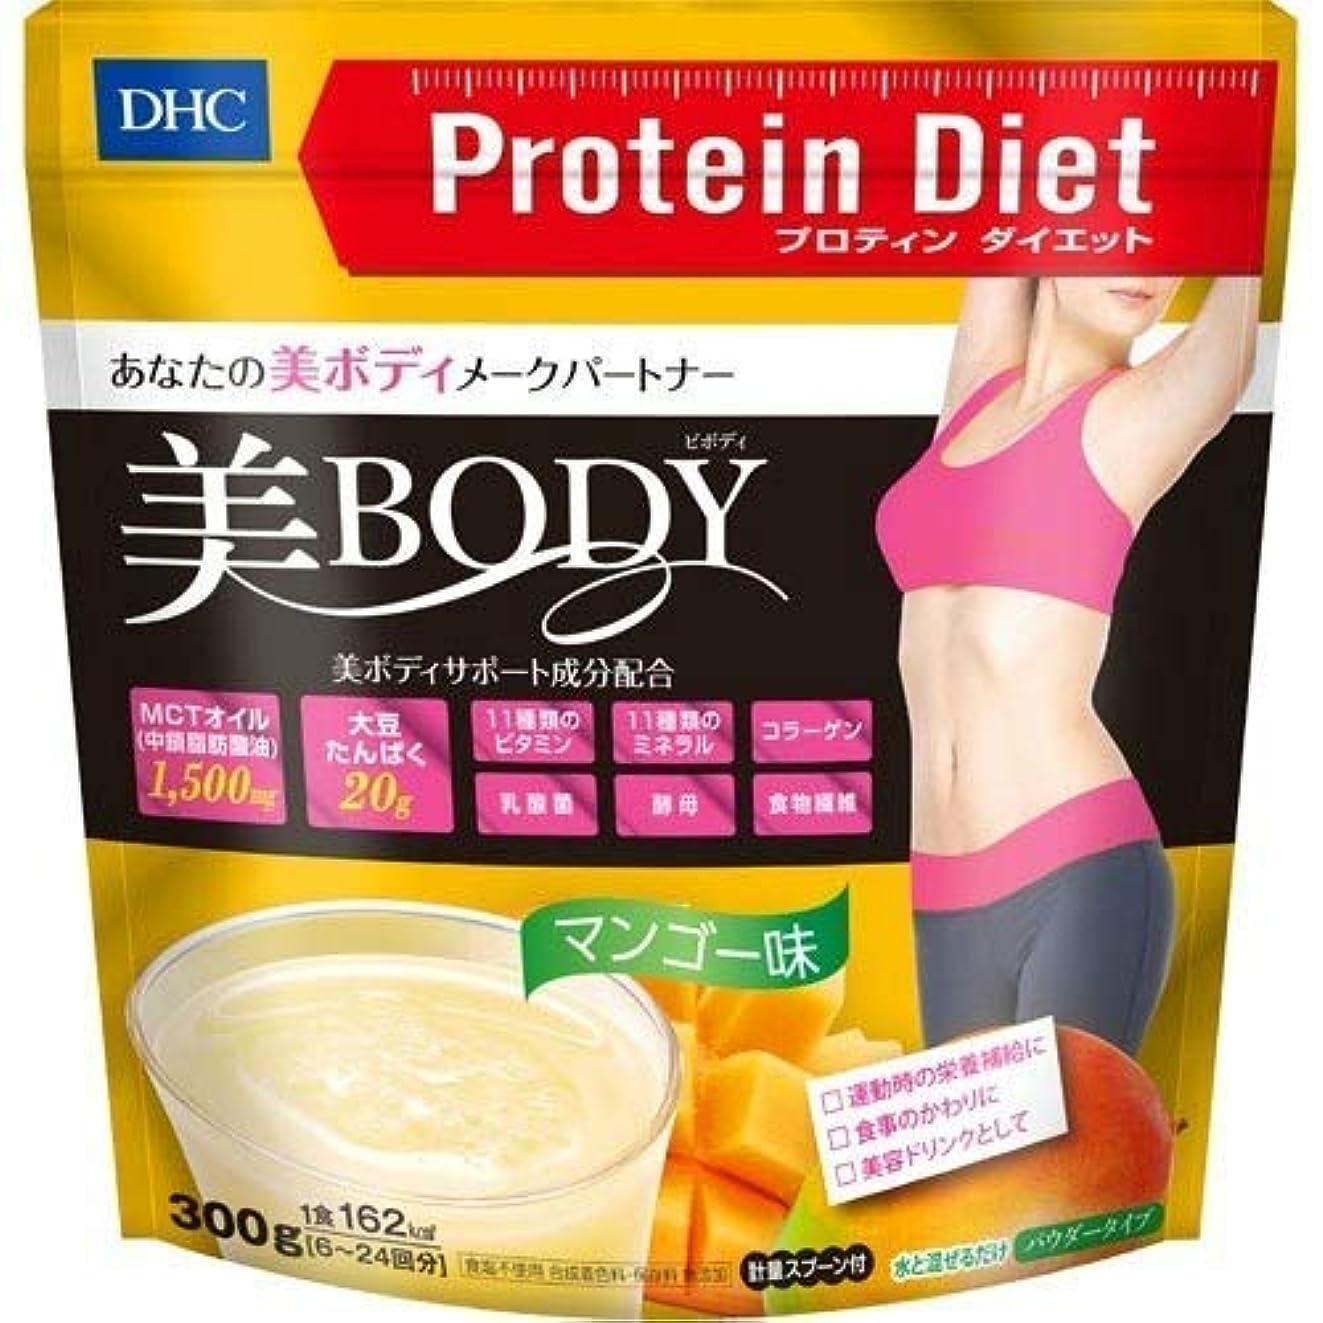 エンドテーブルフラスコサミュエルDHC プロテインダイエット 美Body マンゴー味 300g × 48個セット